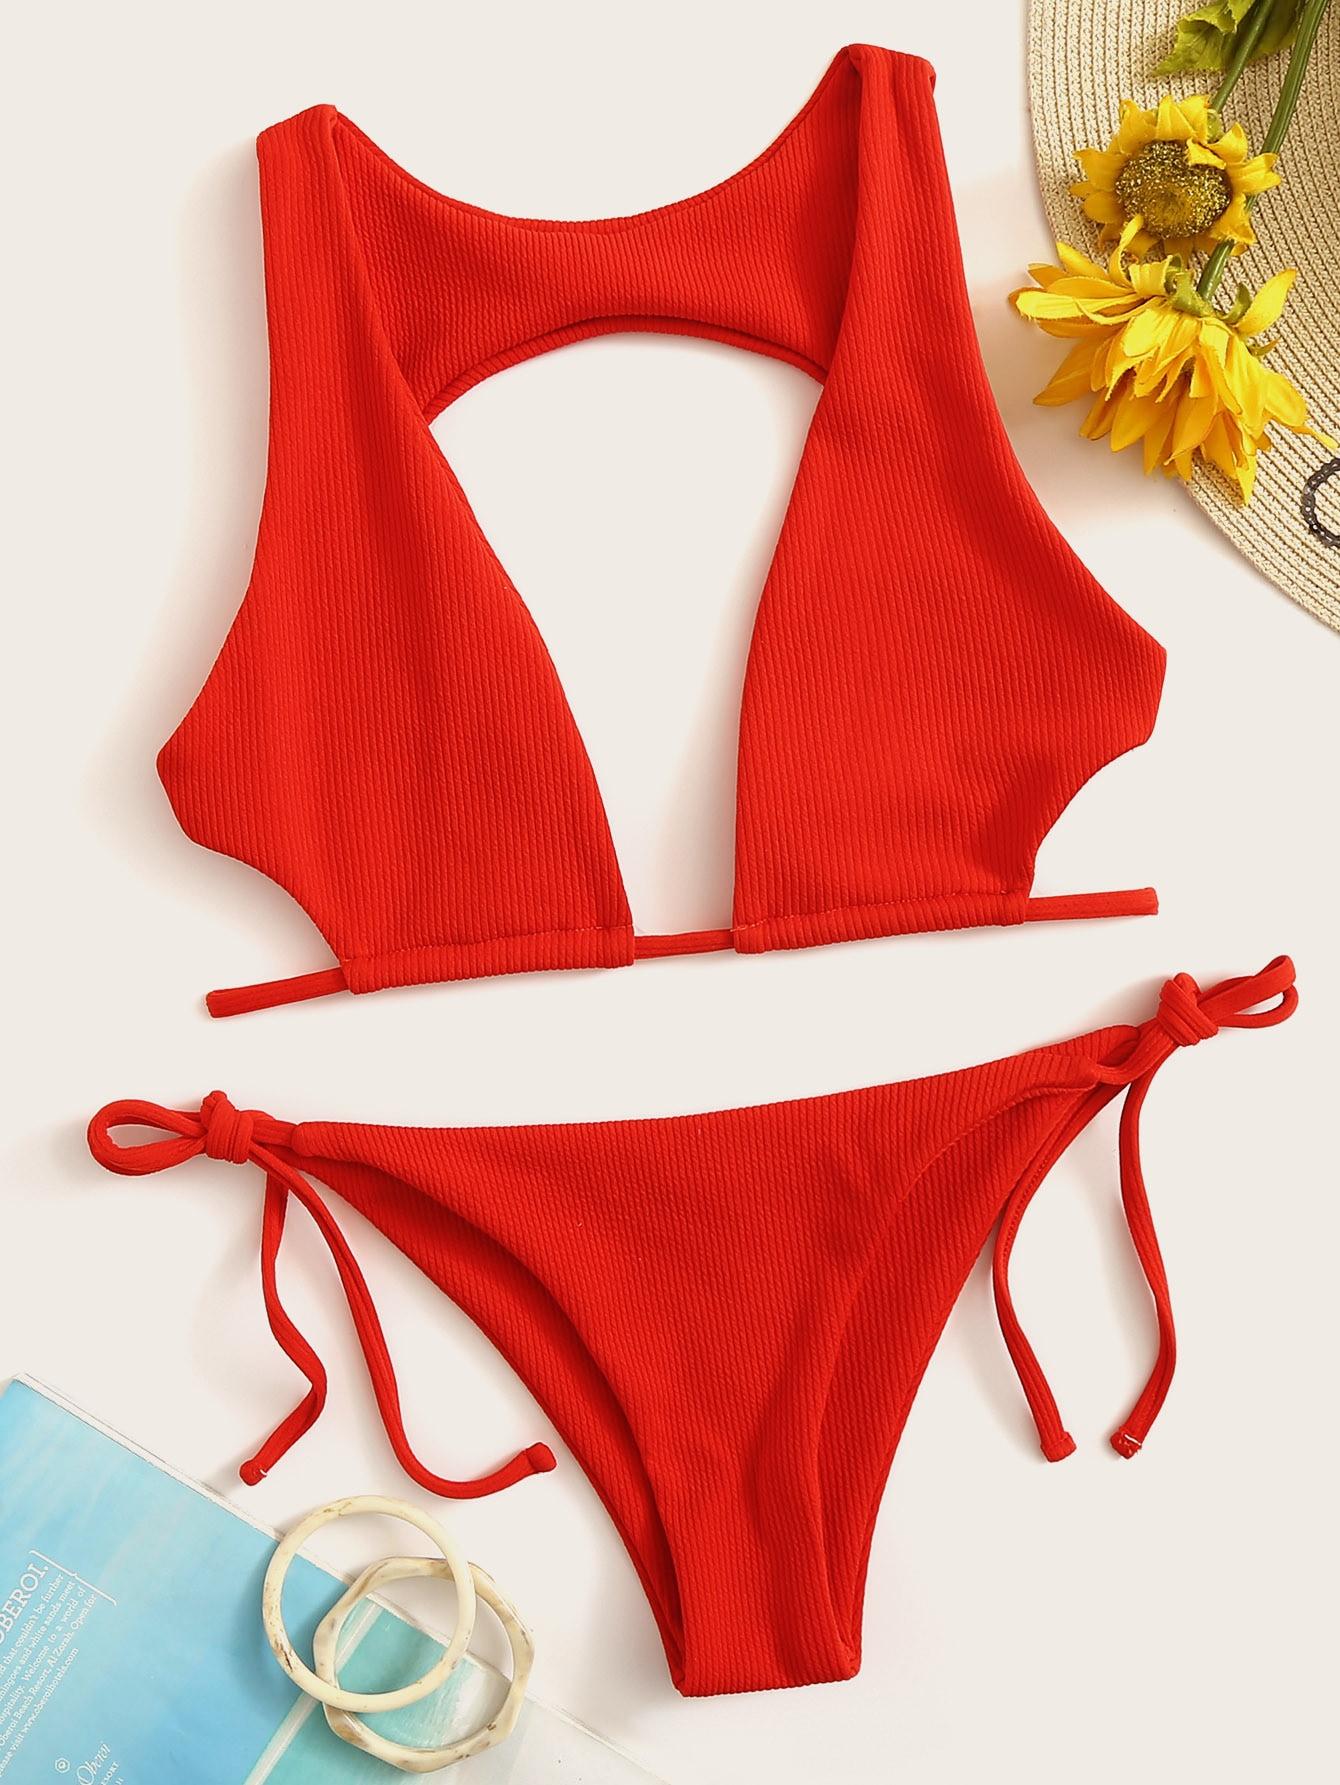 Фото - Бикини в рубчик с открытой спинкой и завязками по бокам от SheIn красного цвета